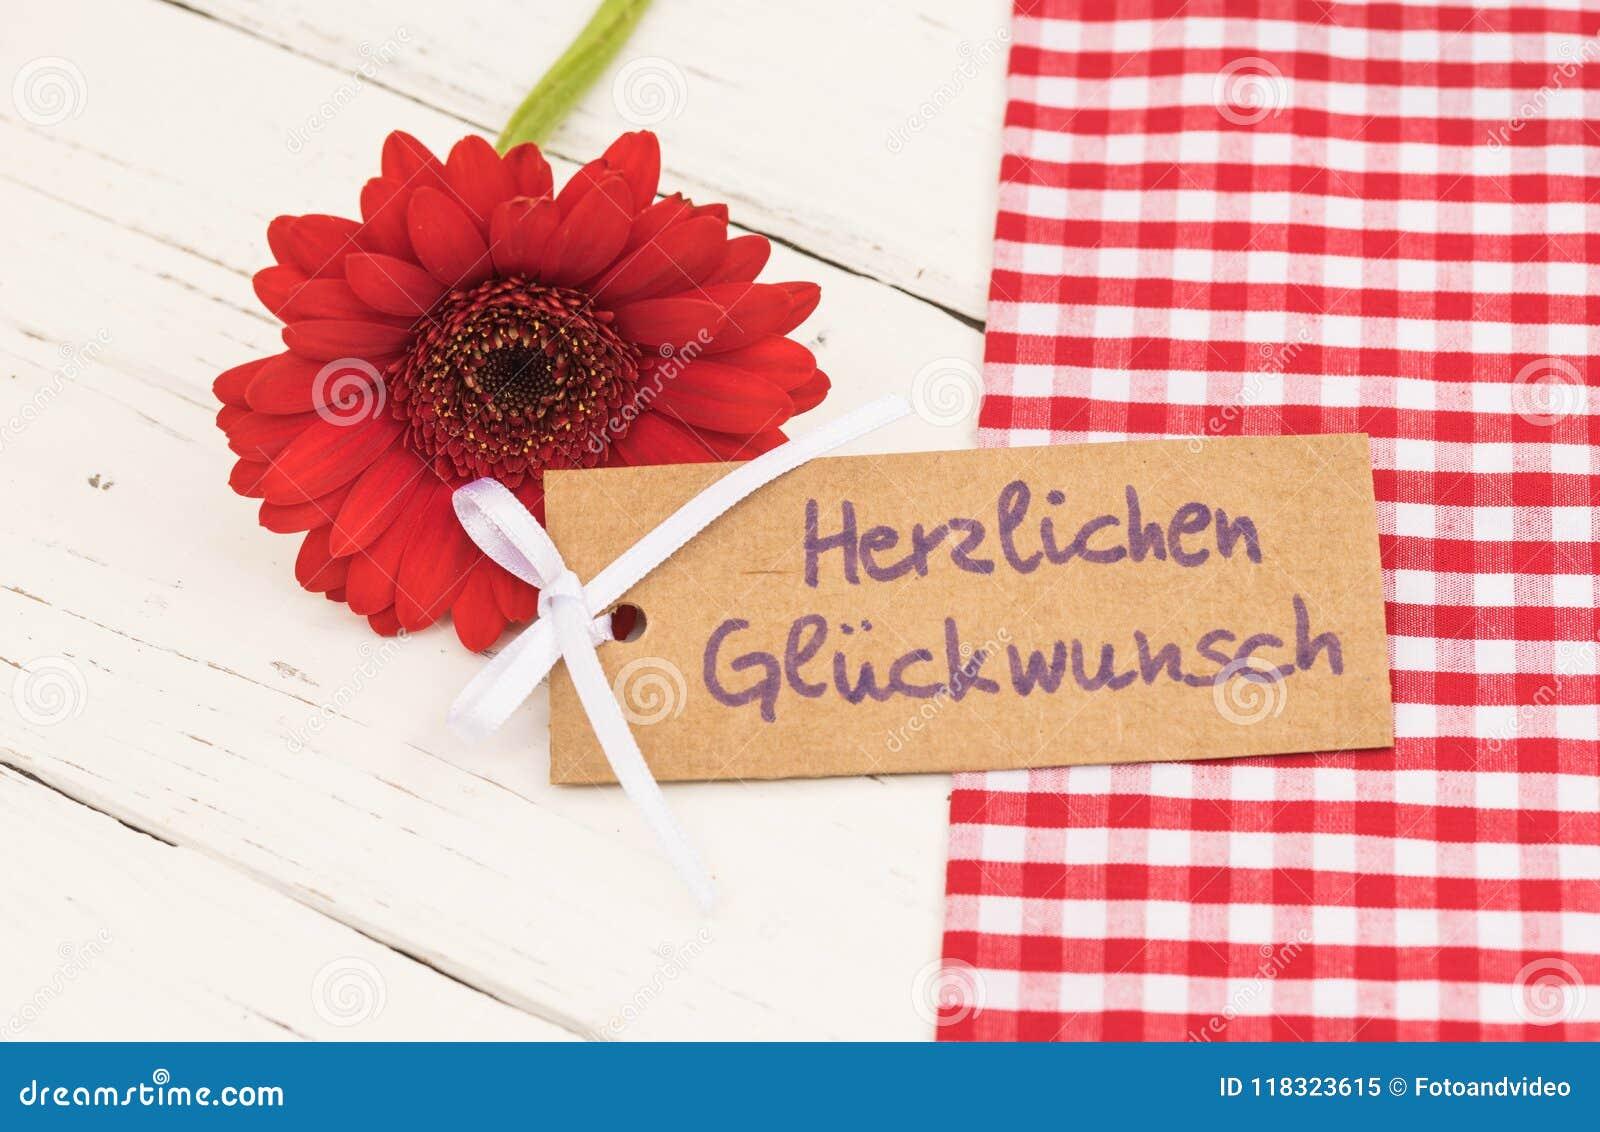 Χρόνια πολλά ευχετήρια κάρτα, με το γερμανικό κείμενο Herzlichen Glueckwunsch και το κόκκινο λουλούδι μαργαριτών gerbera